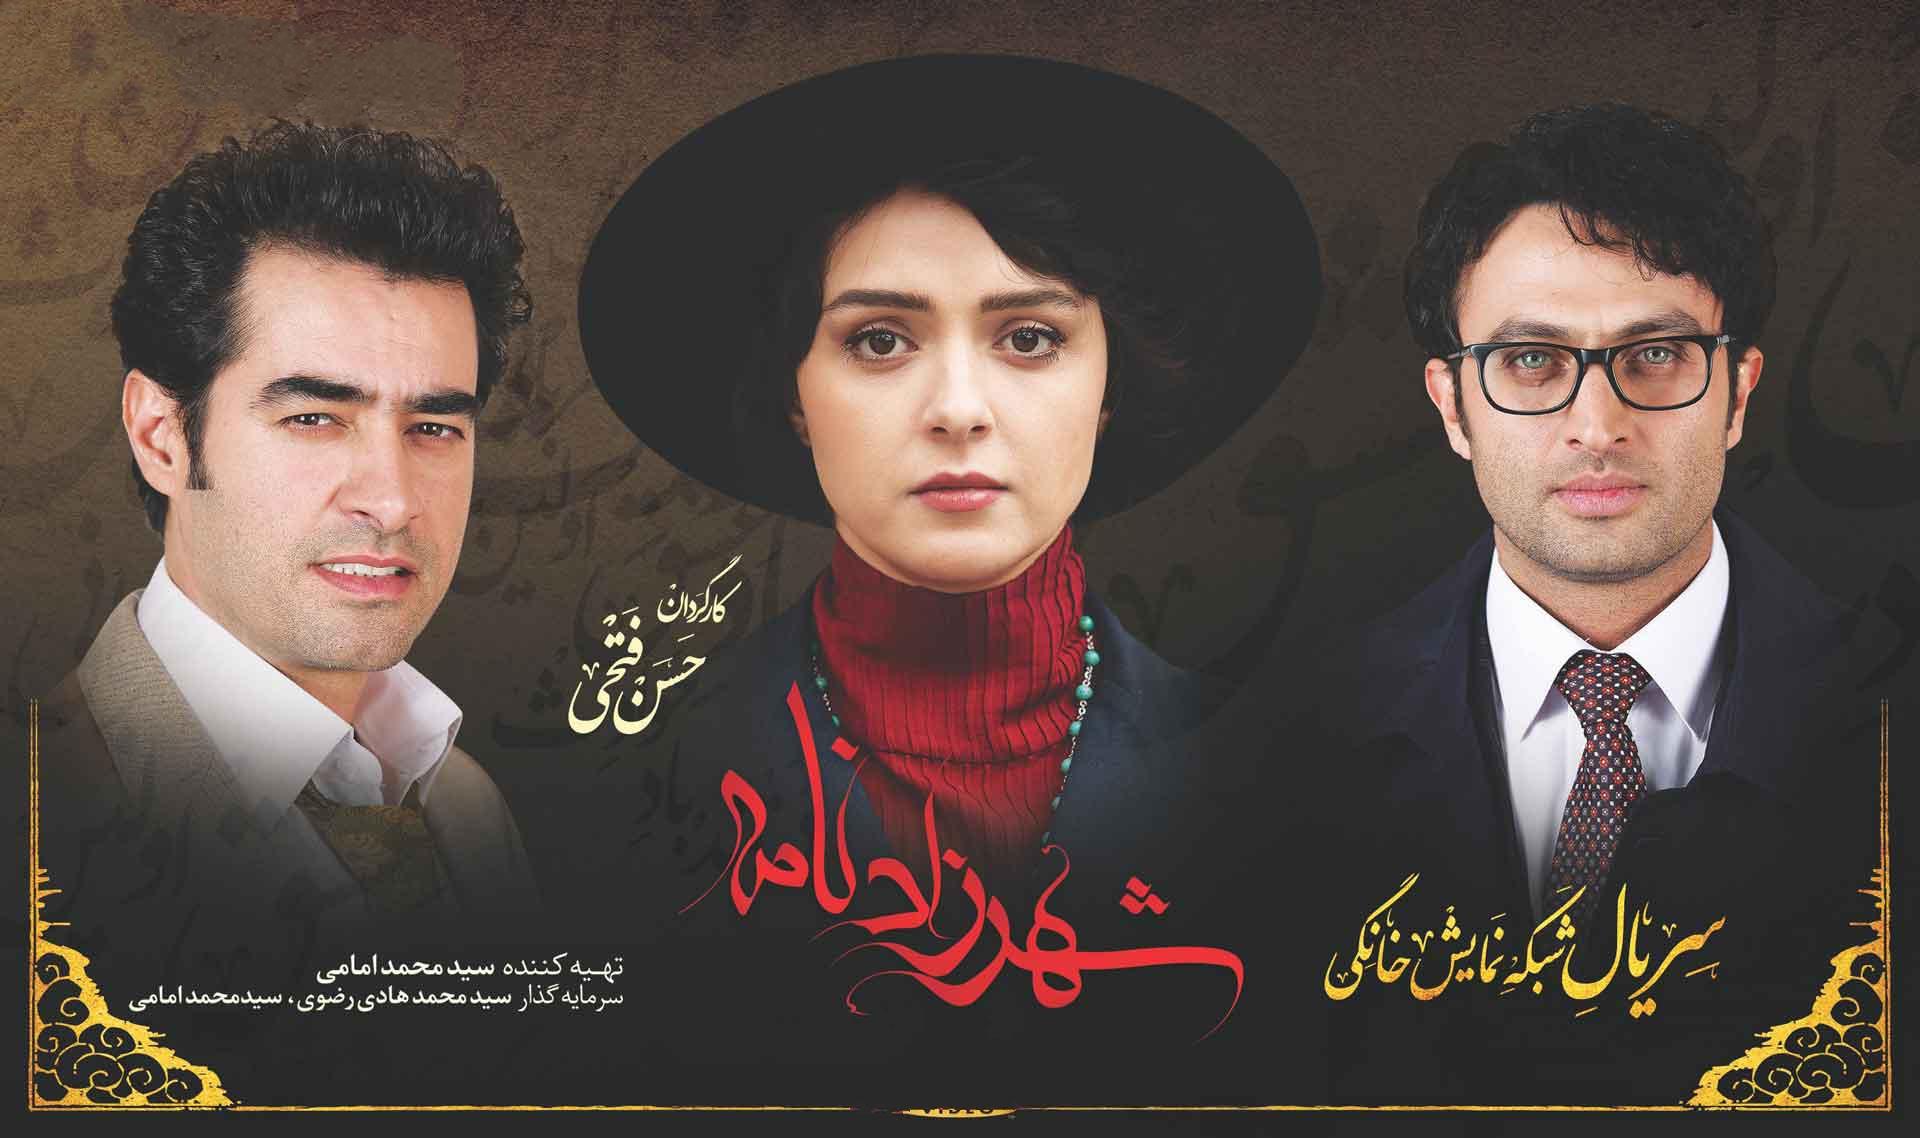 دانلود سریال تاریخی - عاشقانه شهرزاد حسن فتحی